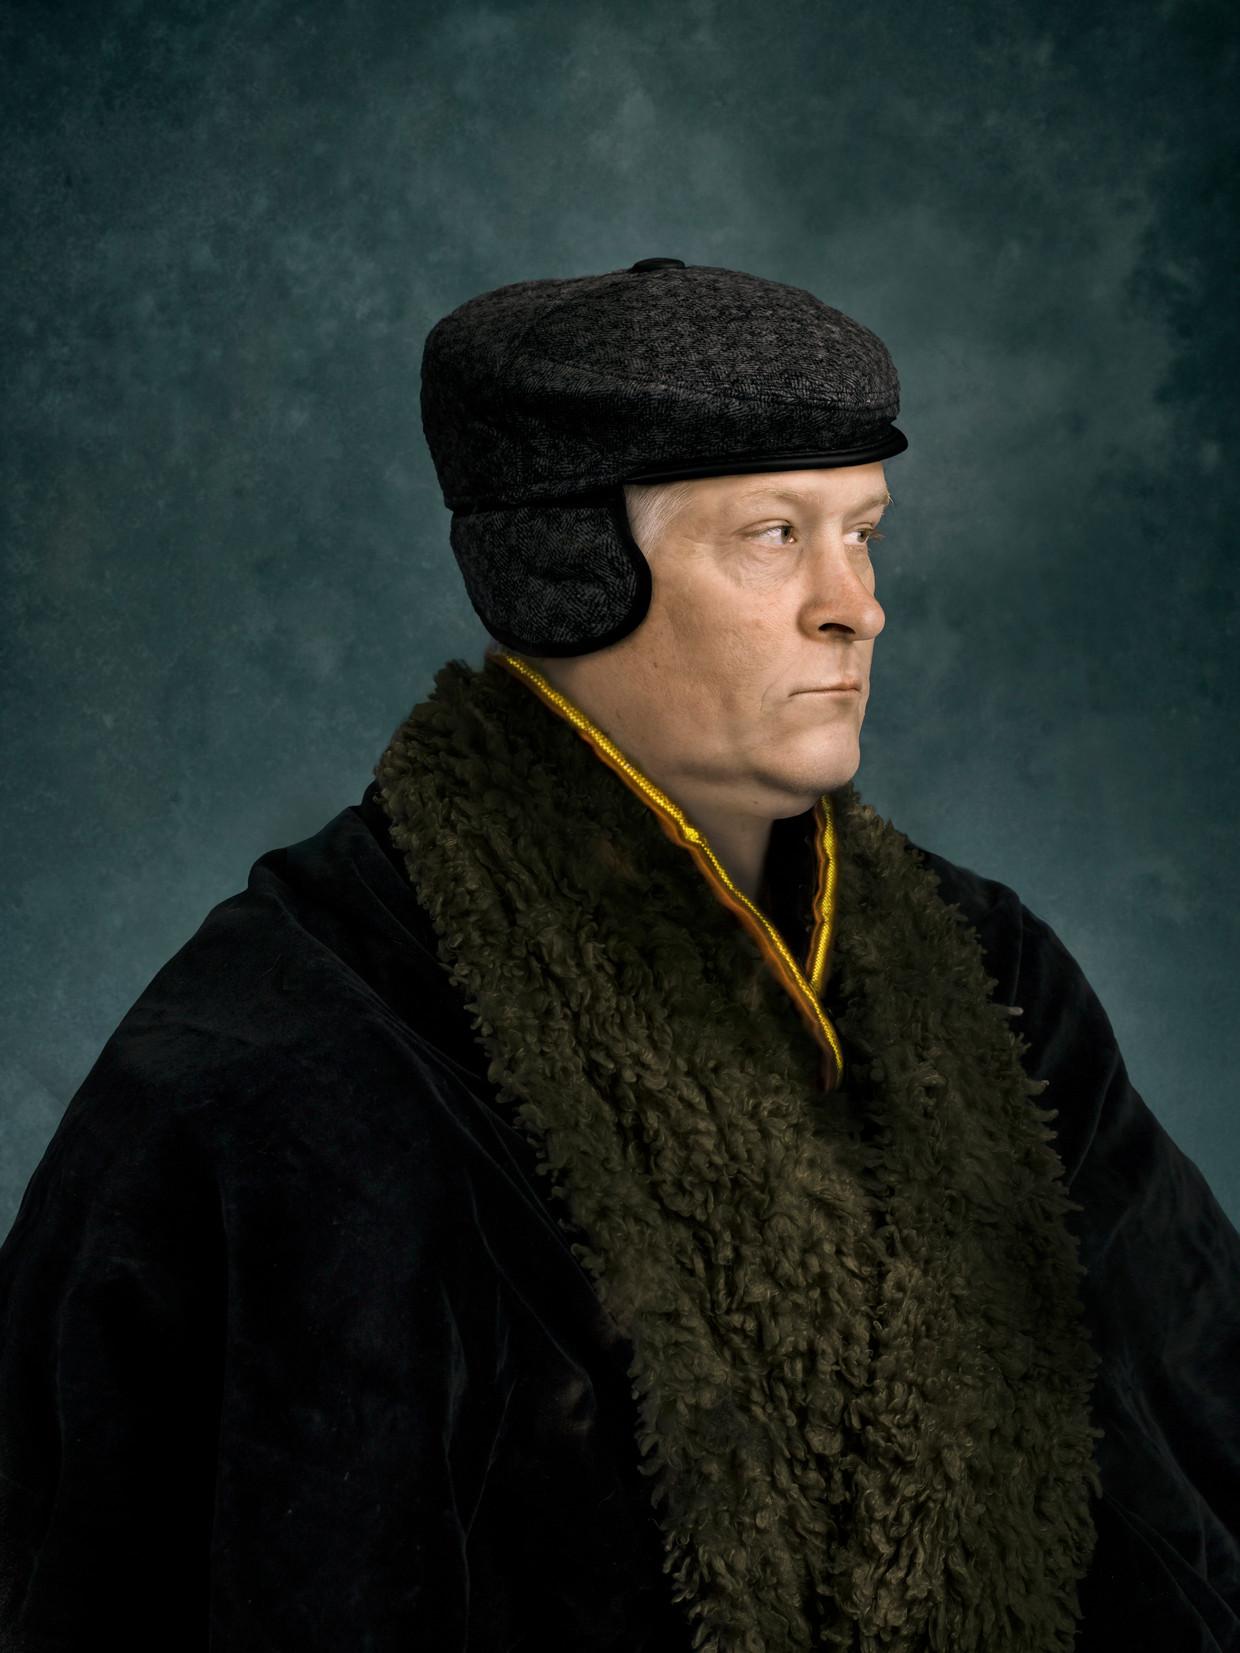 Thomas Cromwell, graaf van Essex, baron Cromwell van Okeham, hoofdadviseur van koning Henry VIII. Onthoofd.